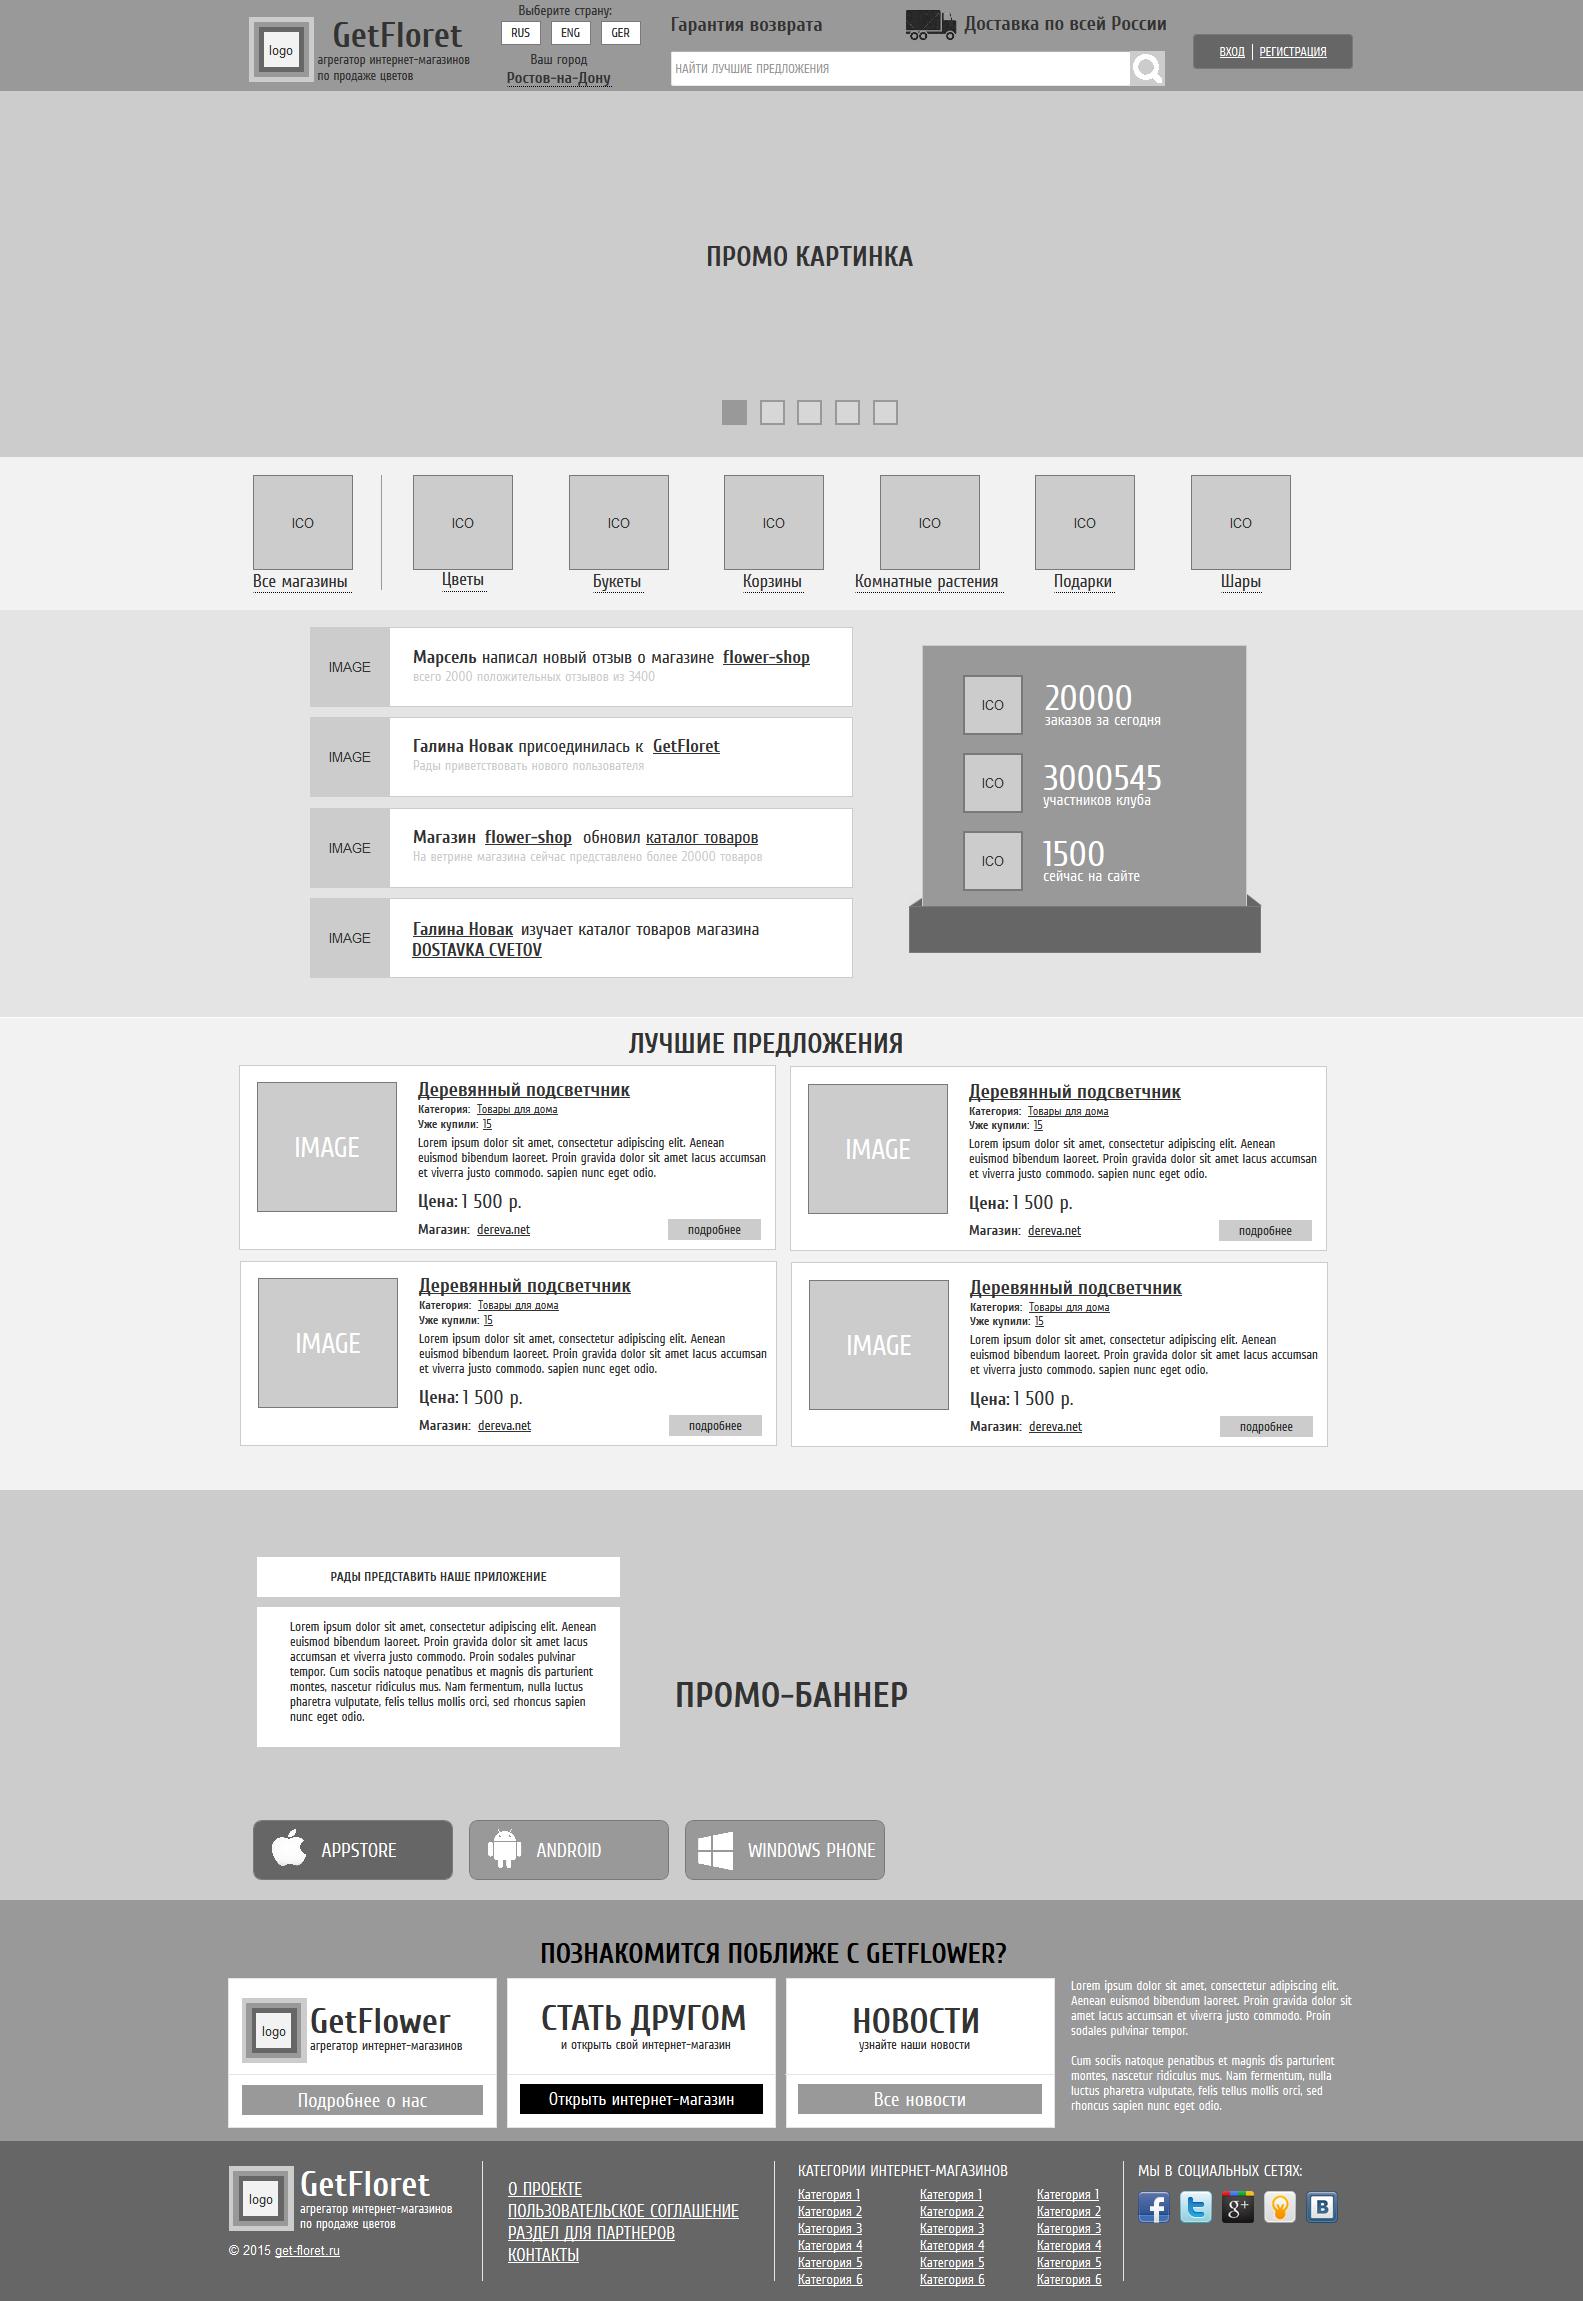 Разработка полного прототипа портала и ТЗ по доставке цветов (аналог деливери клаб)